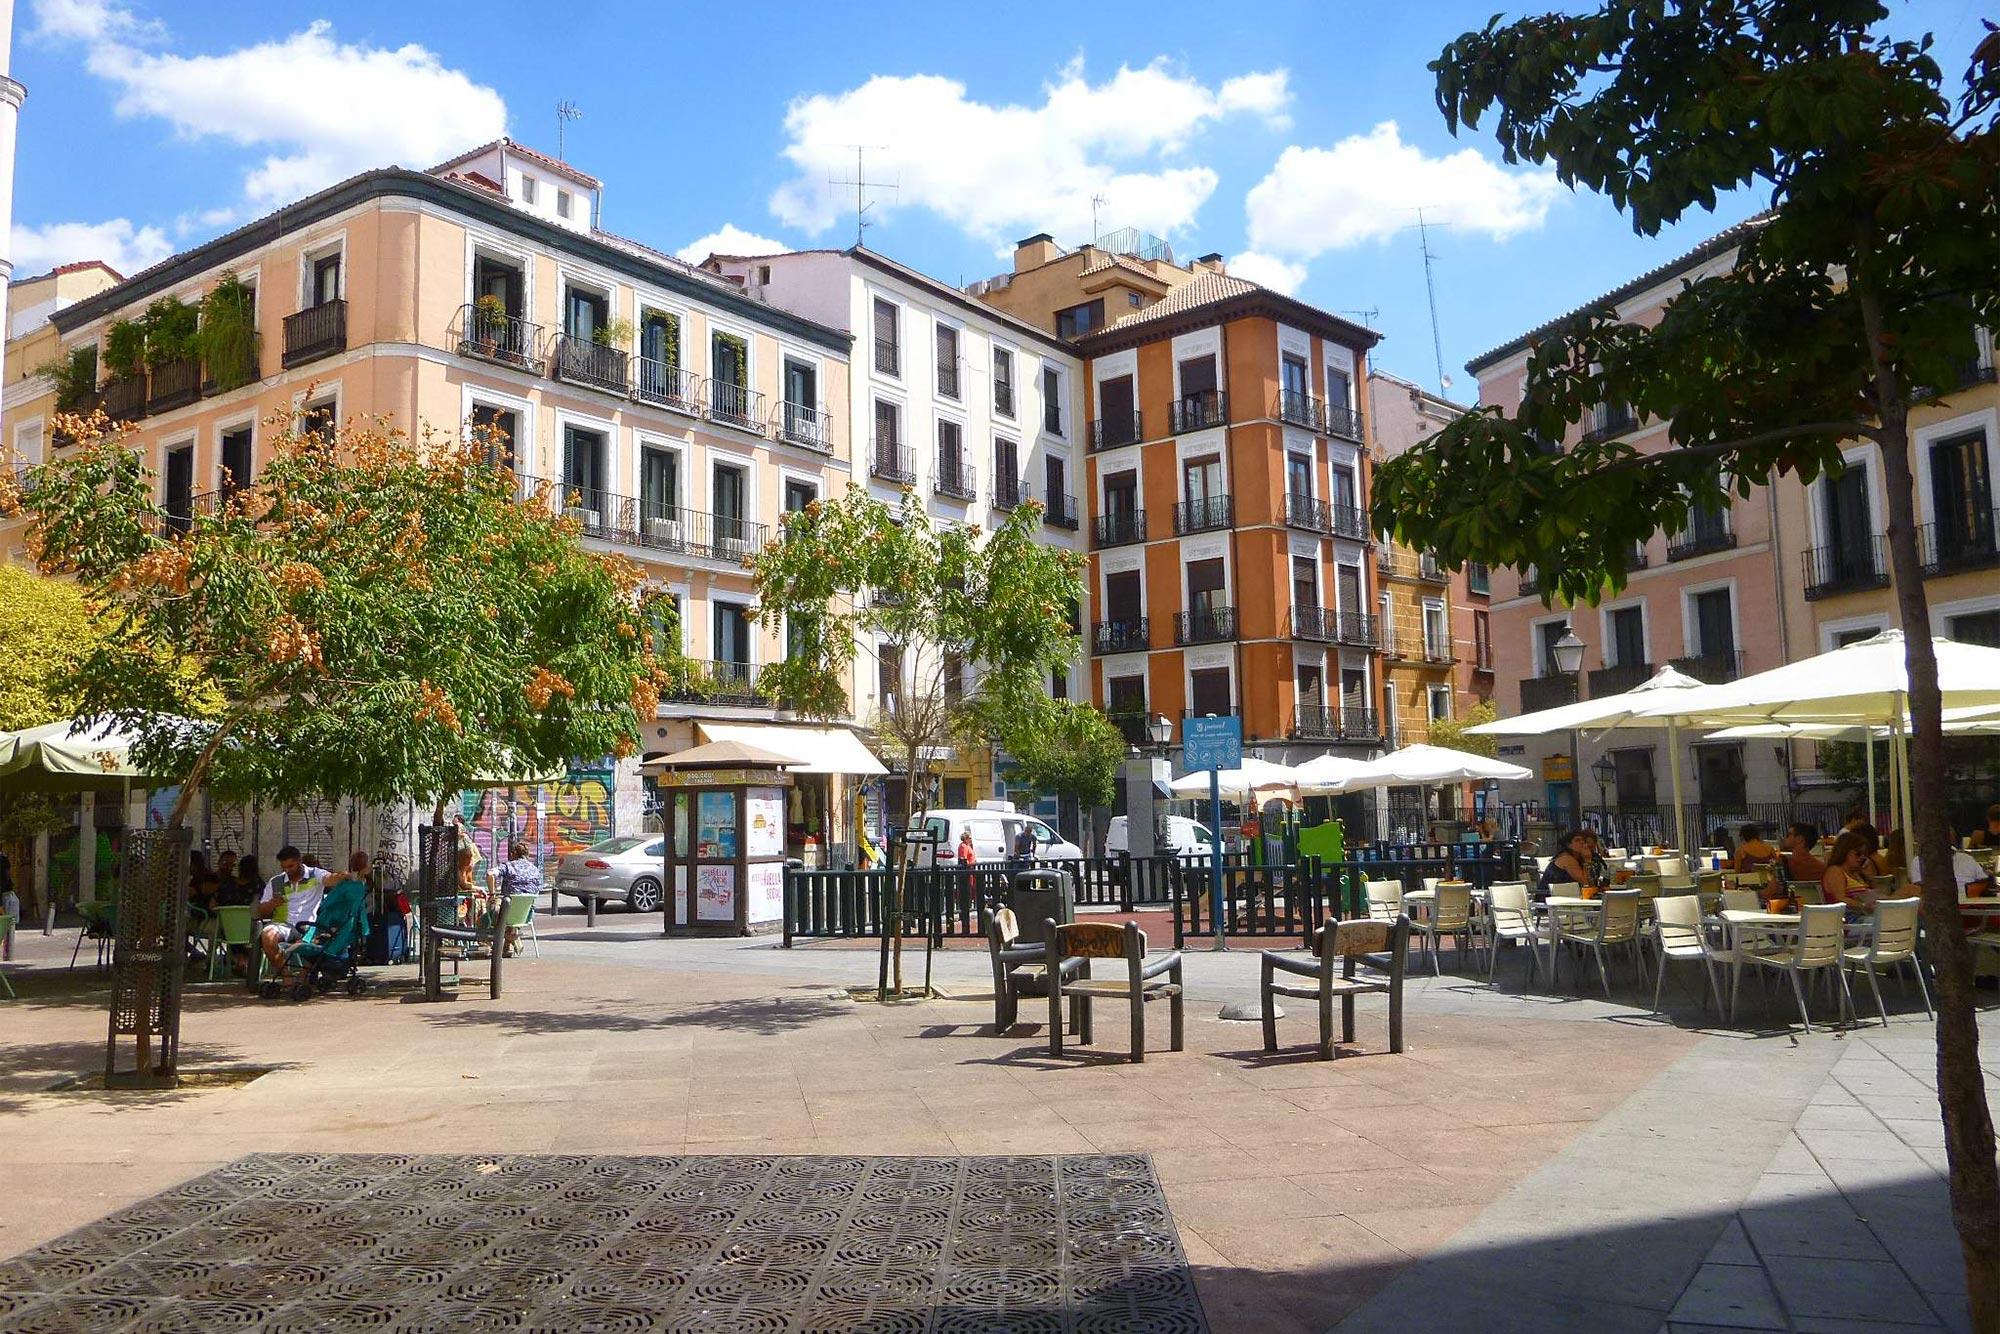 Malasaña Plaza Juan Pujol